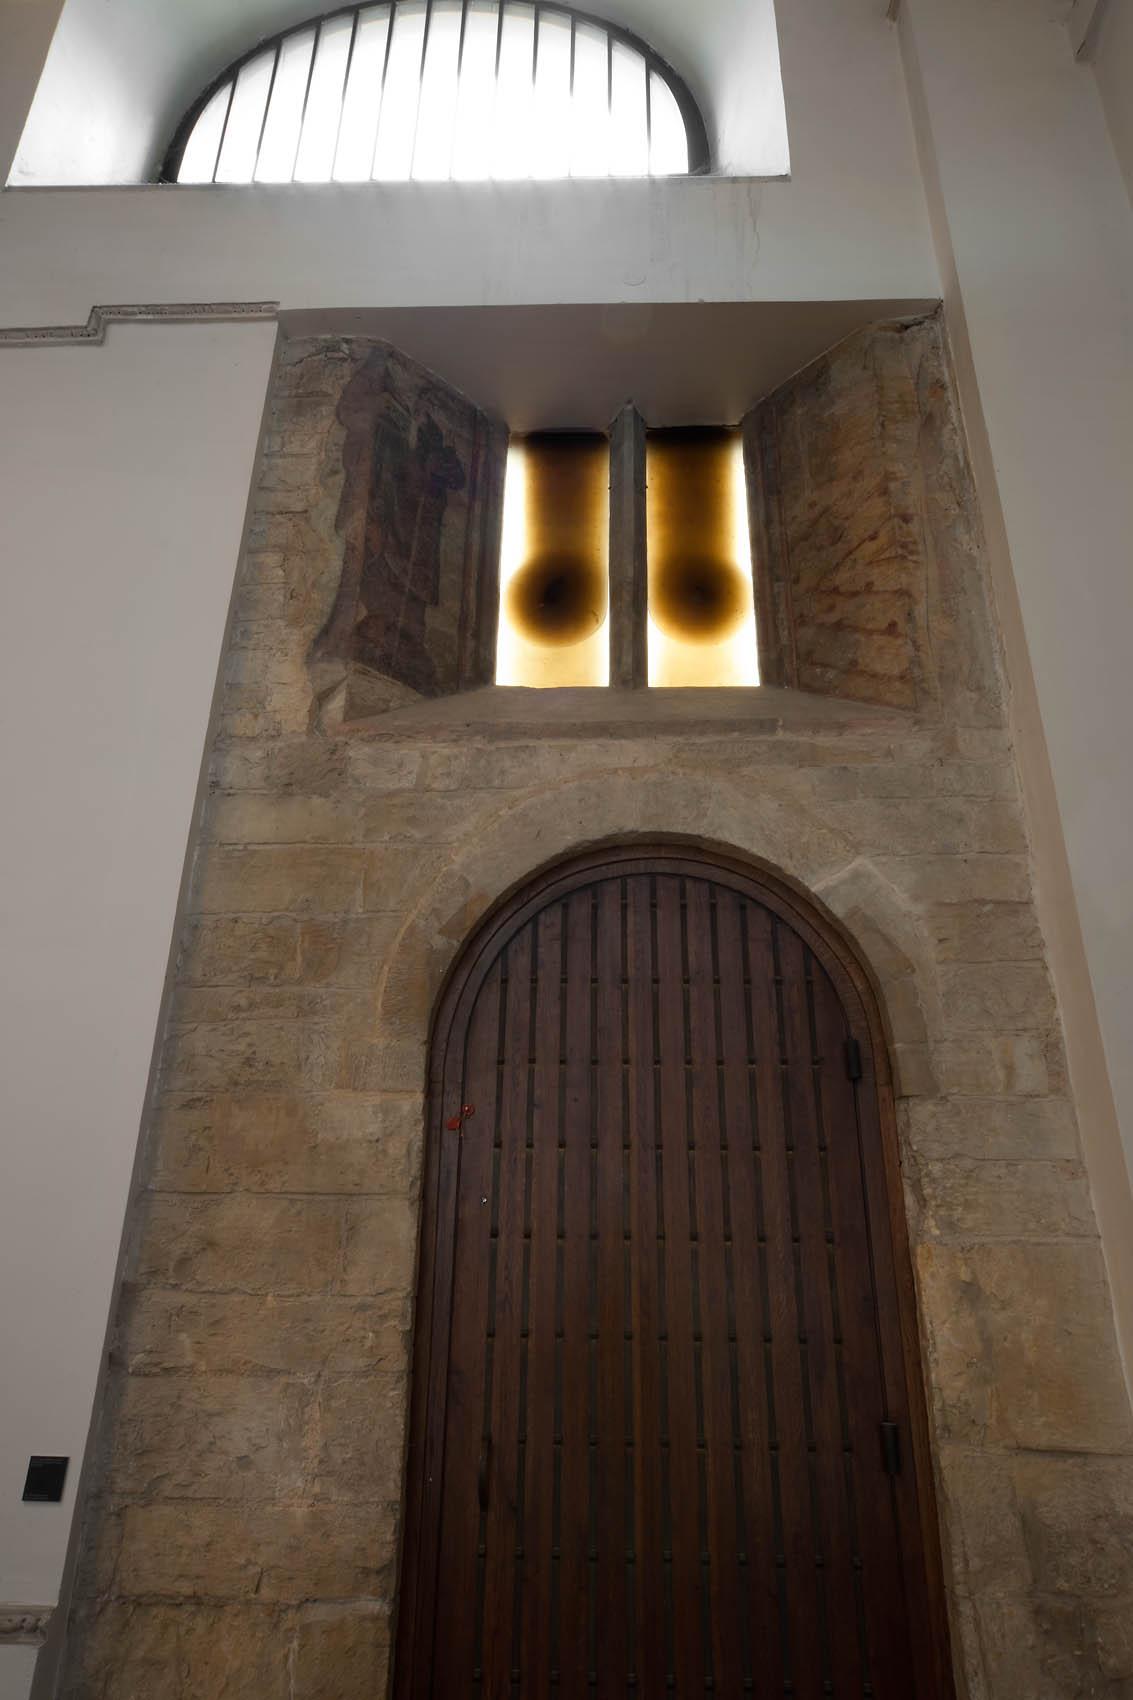 Skleněná okna s abstraktním motivem v sakrální stavbě